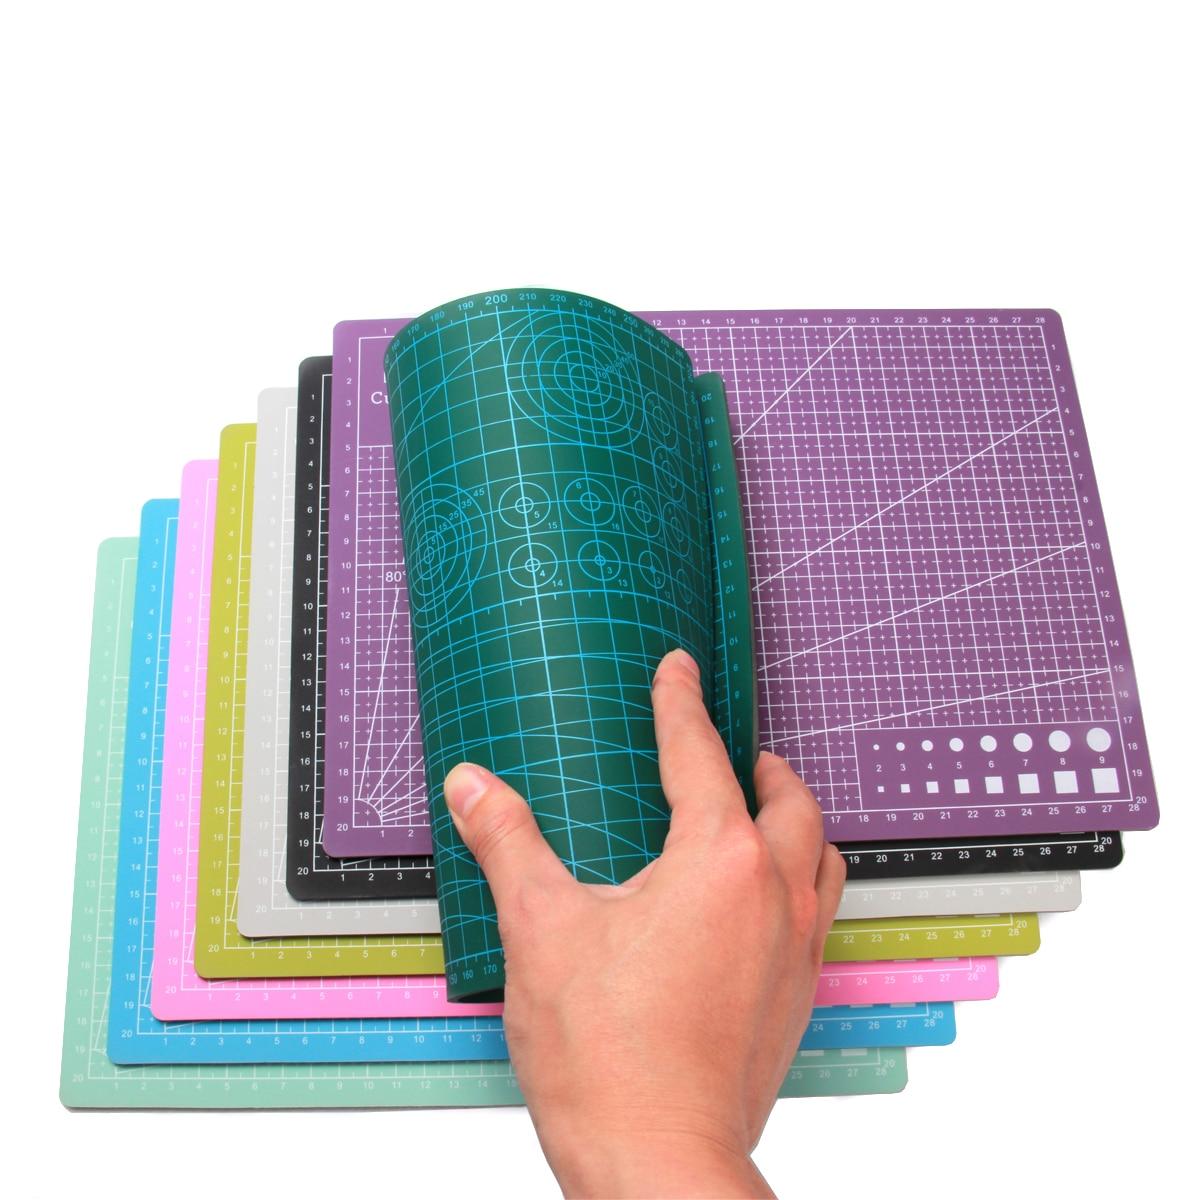 A3 a4 esteiras de corte pvc retângulo grade linhas auto cura placa corte ferramenta tecido couro artesanato ferramentas diy placa almofada